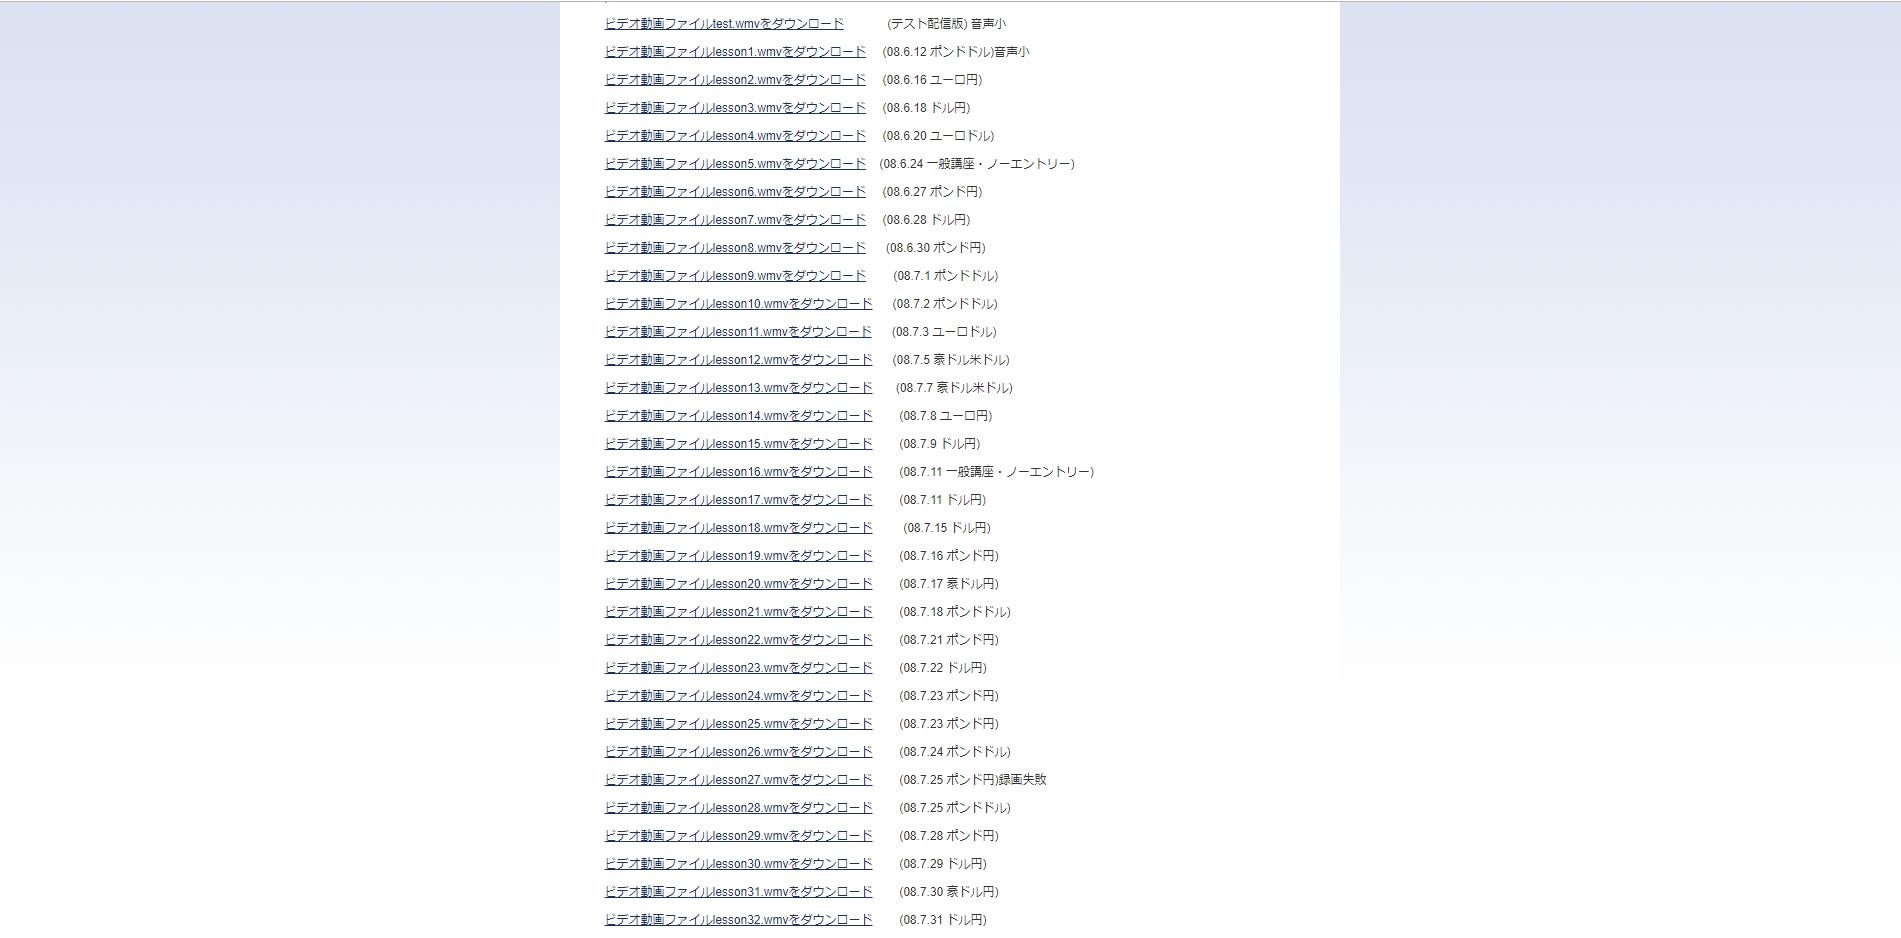 動画ファイルページ